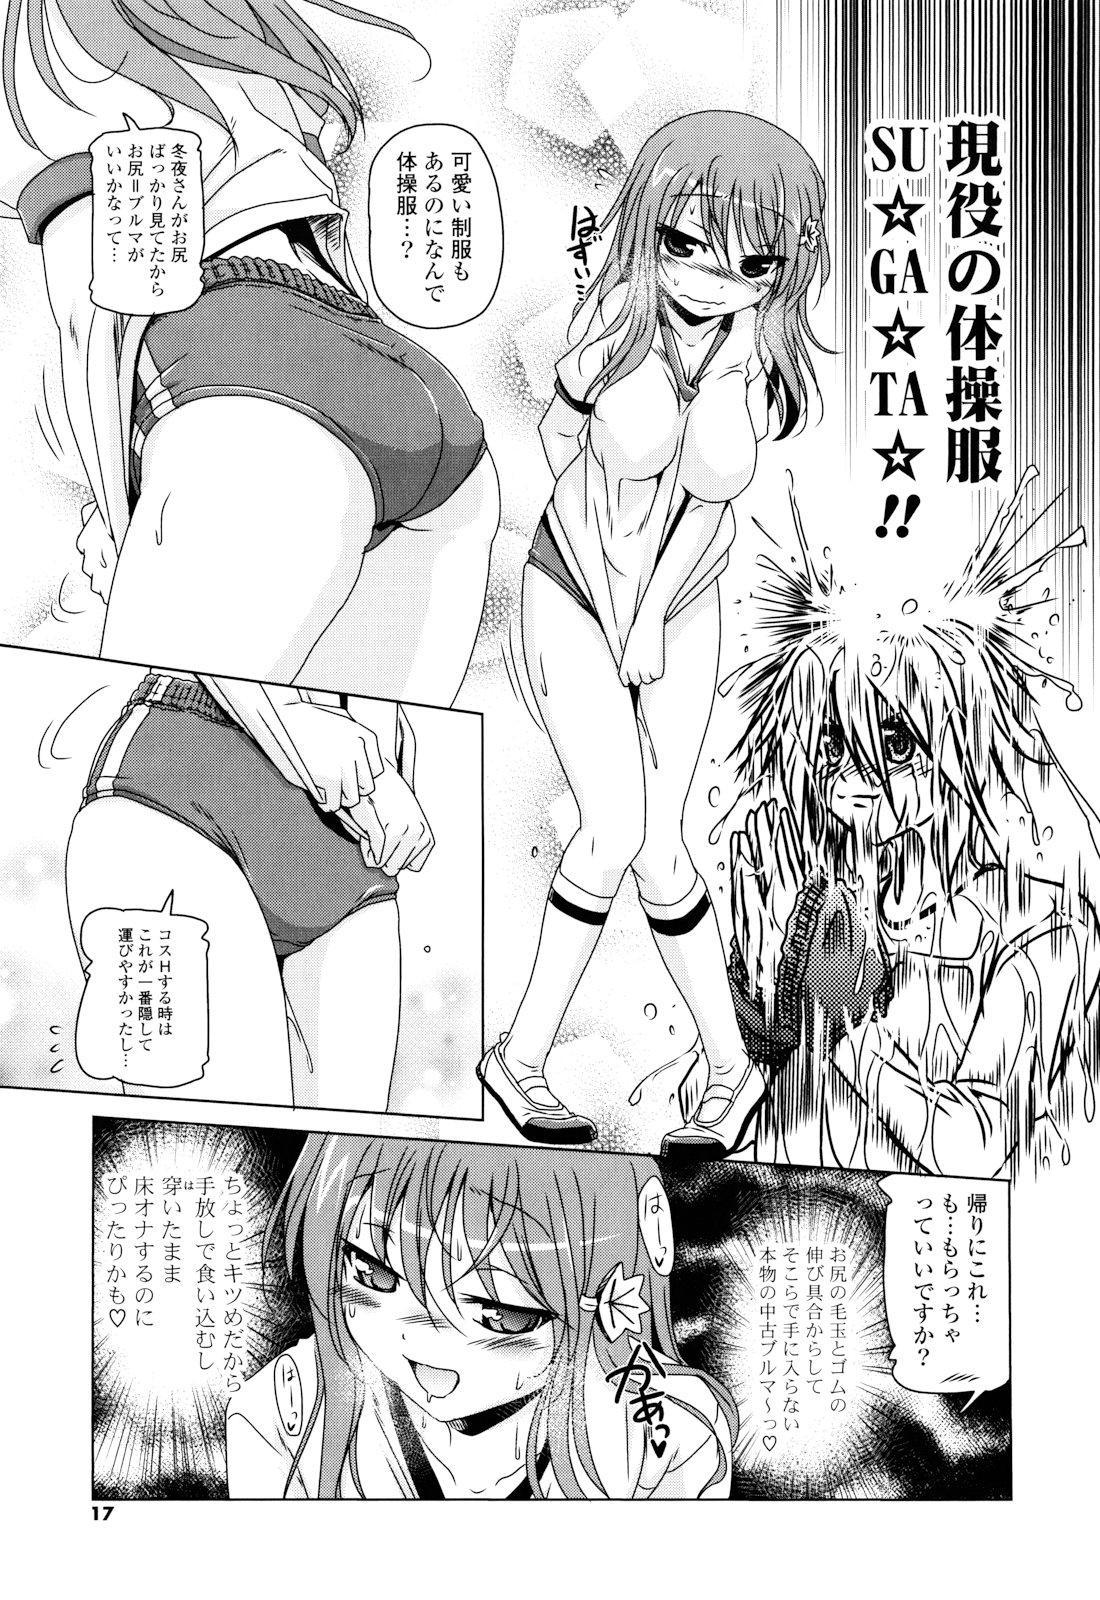 生膣ひゃくぱぁせんと!- Vol.01 Chapter 1 16